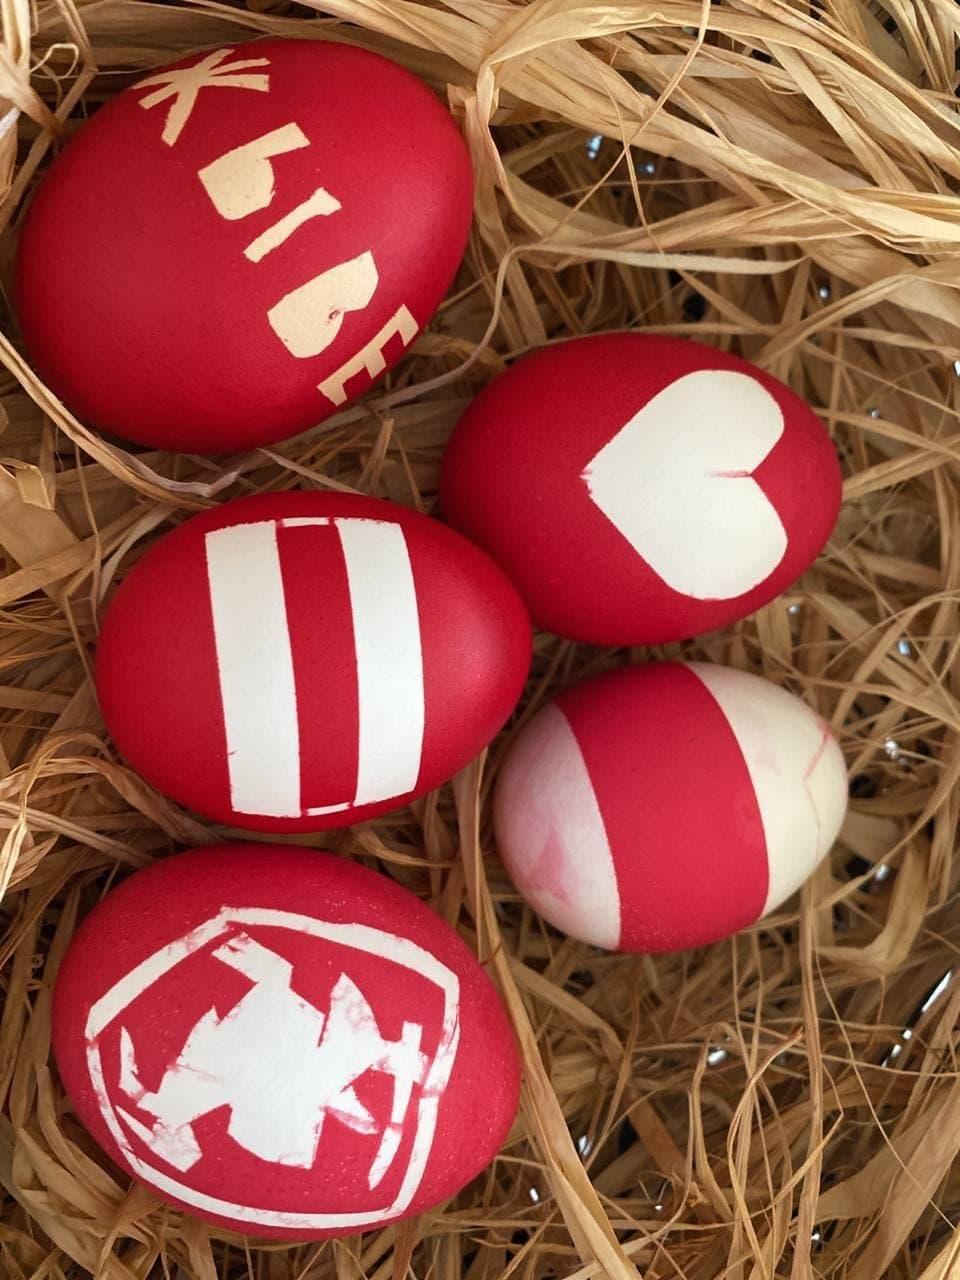 Белорусы готовы праздновать Пасху с бело-красно-белой символикой4